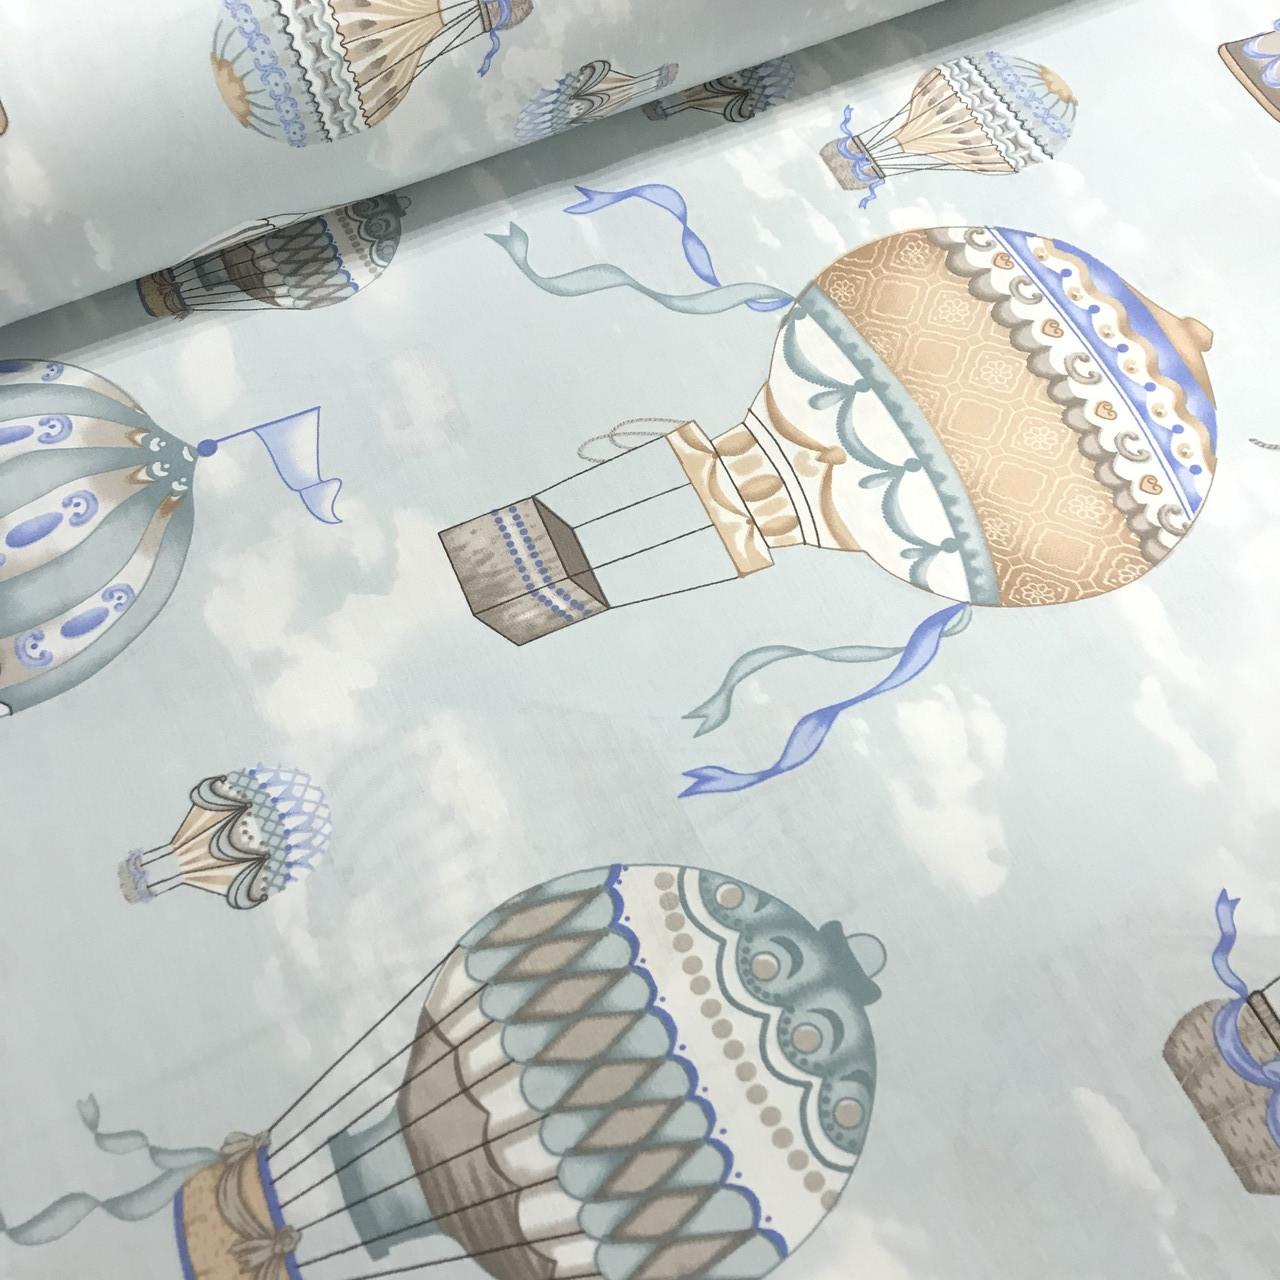 Ткань поплин воздушные шары в сине-голубых тонах с облаками на голубом   (ТУРЦИЯ шир. 2,4 м)